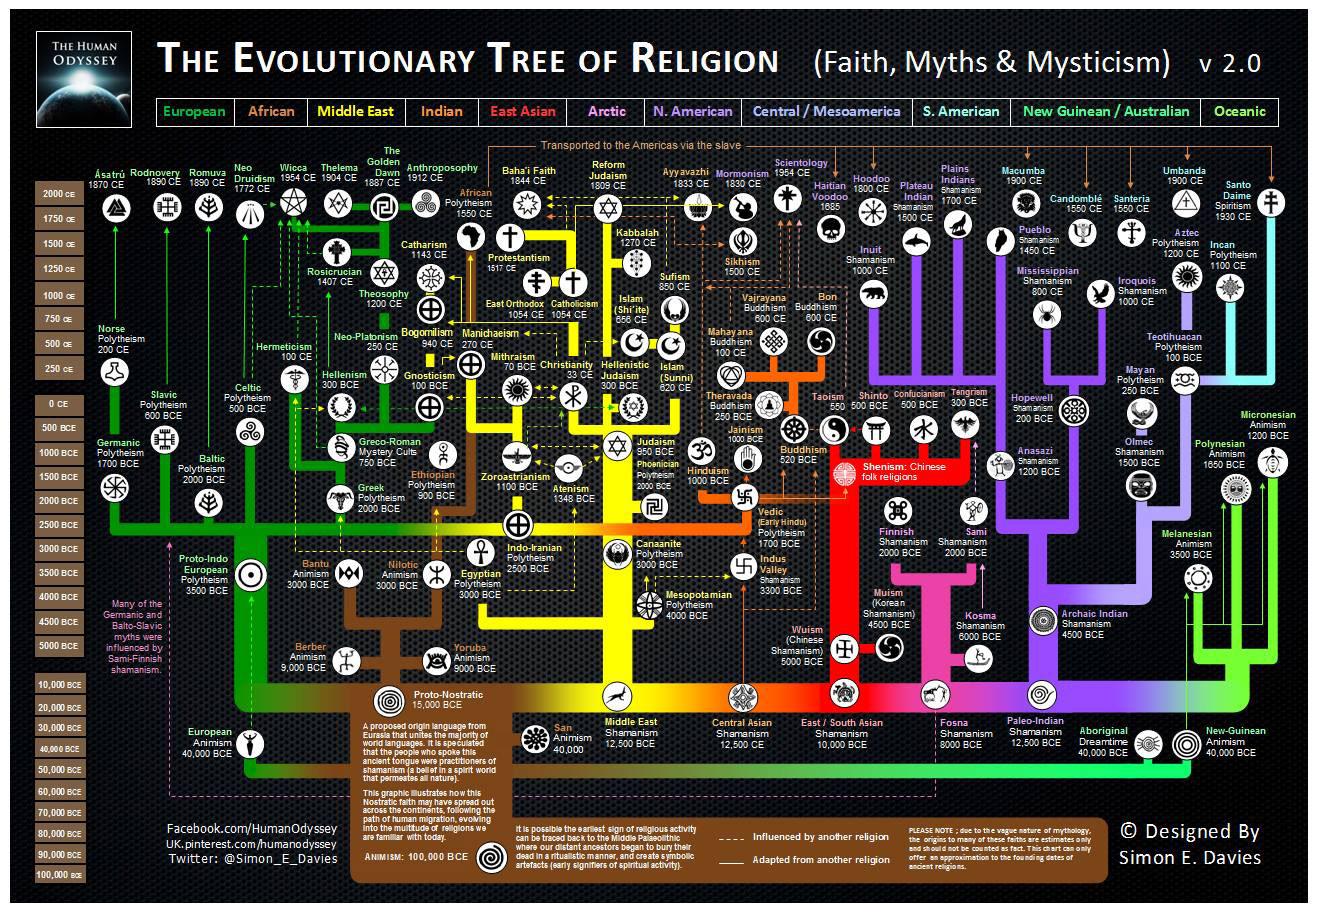 evolutionary-tree-religion-2_0.jpg